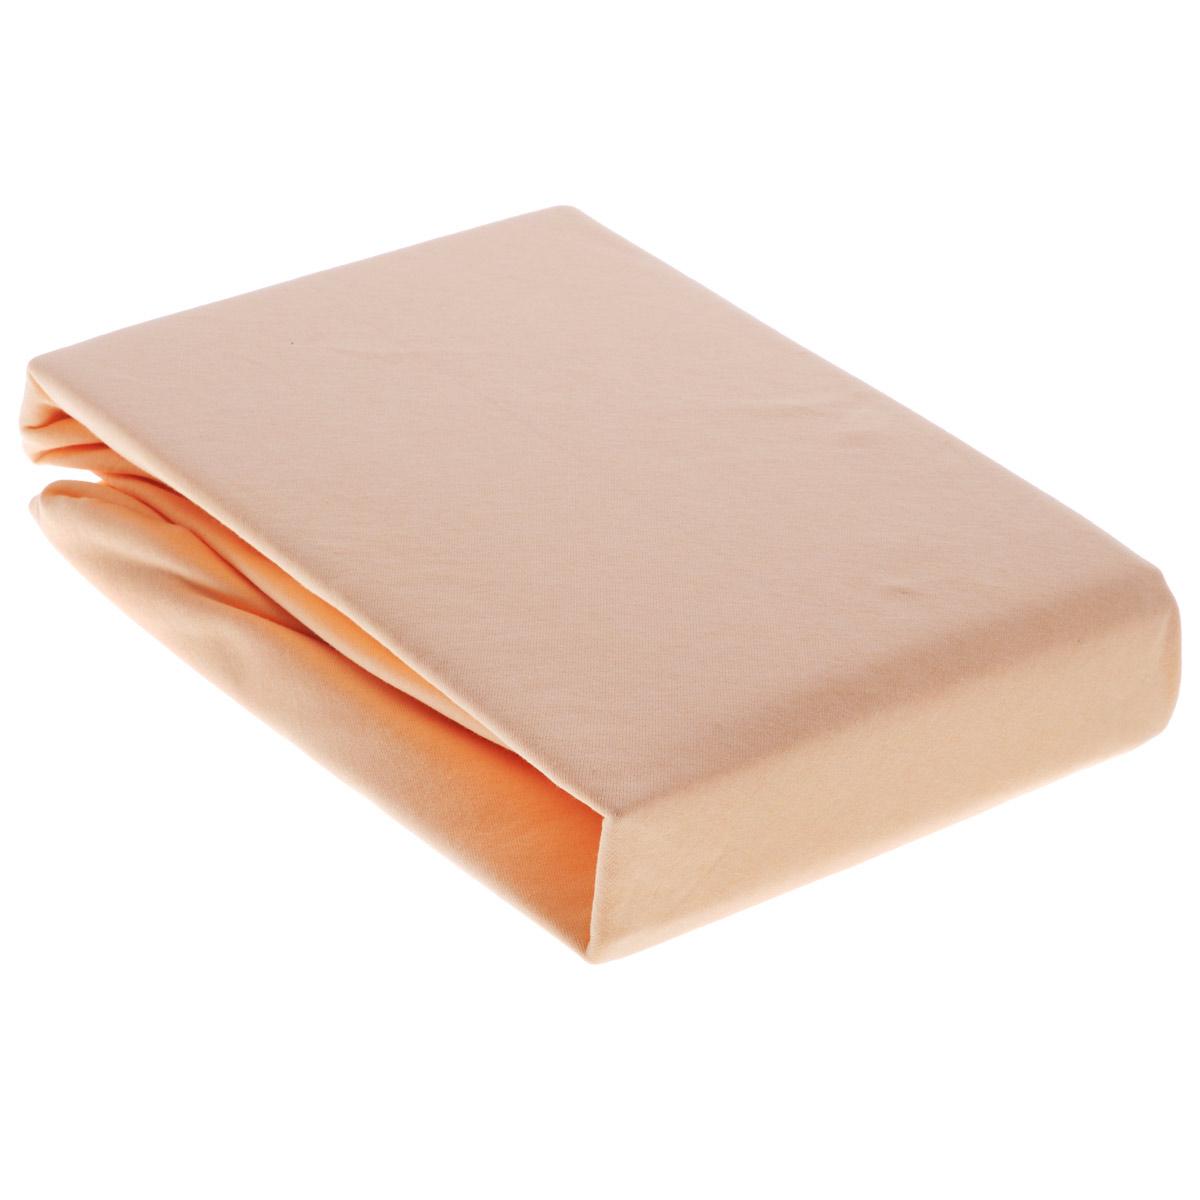 Простыня OL-Tex Джерси, на резинке, цвет: персиковый, 180 х 200 х 20 смПтр-180Простыня OL-Tex Джерси изготовлена из гладкокрашеного трикотажного полотна, не имеет швов. По всему периметру простыня снабжена резинкой. Изделие легко одевается на матрасы высотой до 20 см. Идеально подходит в качестве наматрасника. Рекомендации по уходу:- Ручная и машинная стирка при температуре 30°С.- Гладить при средней температуре до 150°С.- Не отбеливать. - Можно сушить и отжимать в стиральной машине. - Химчистка запрещена.